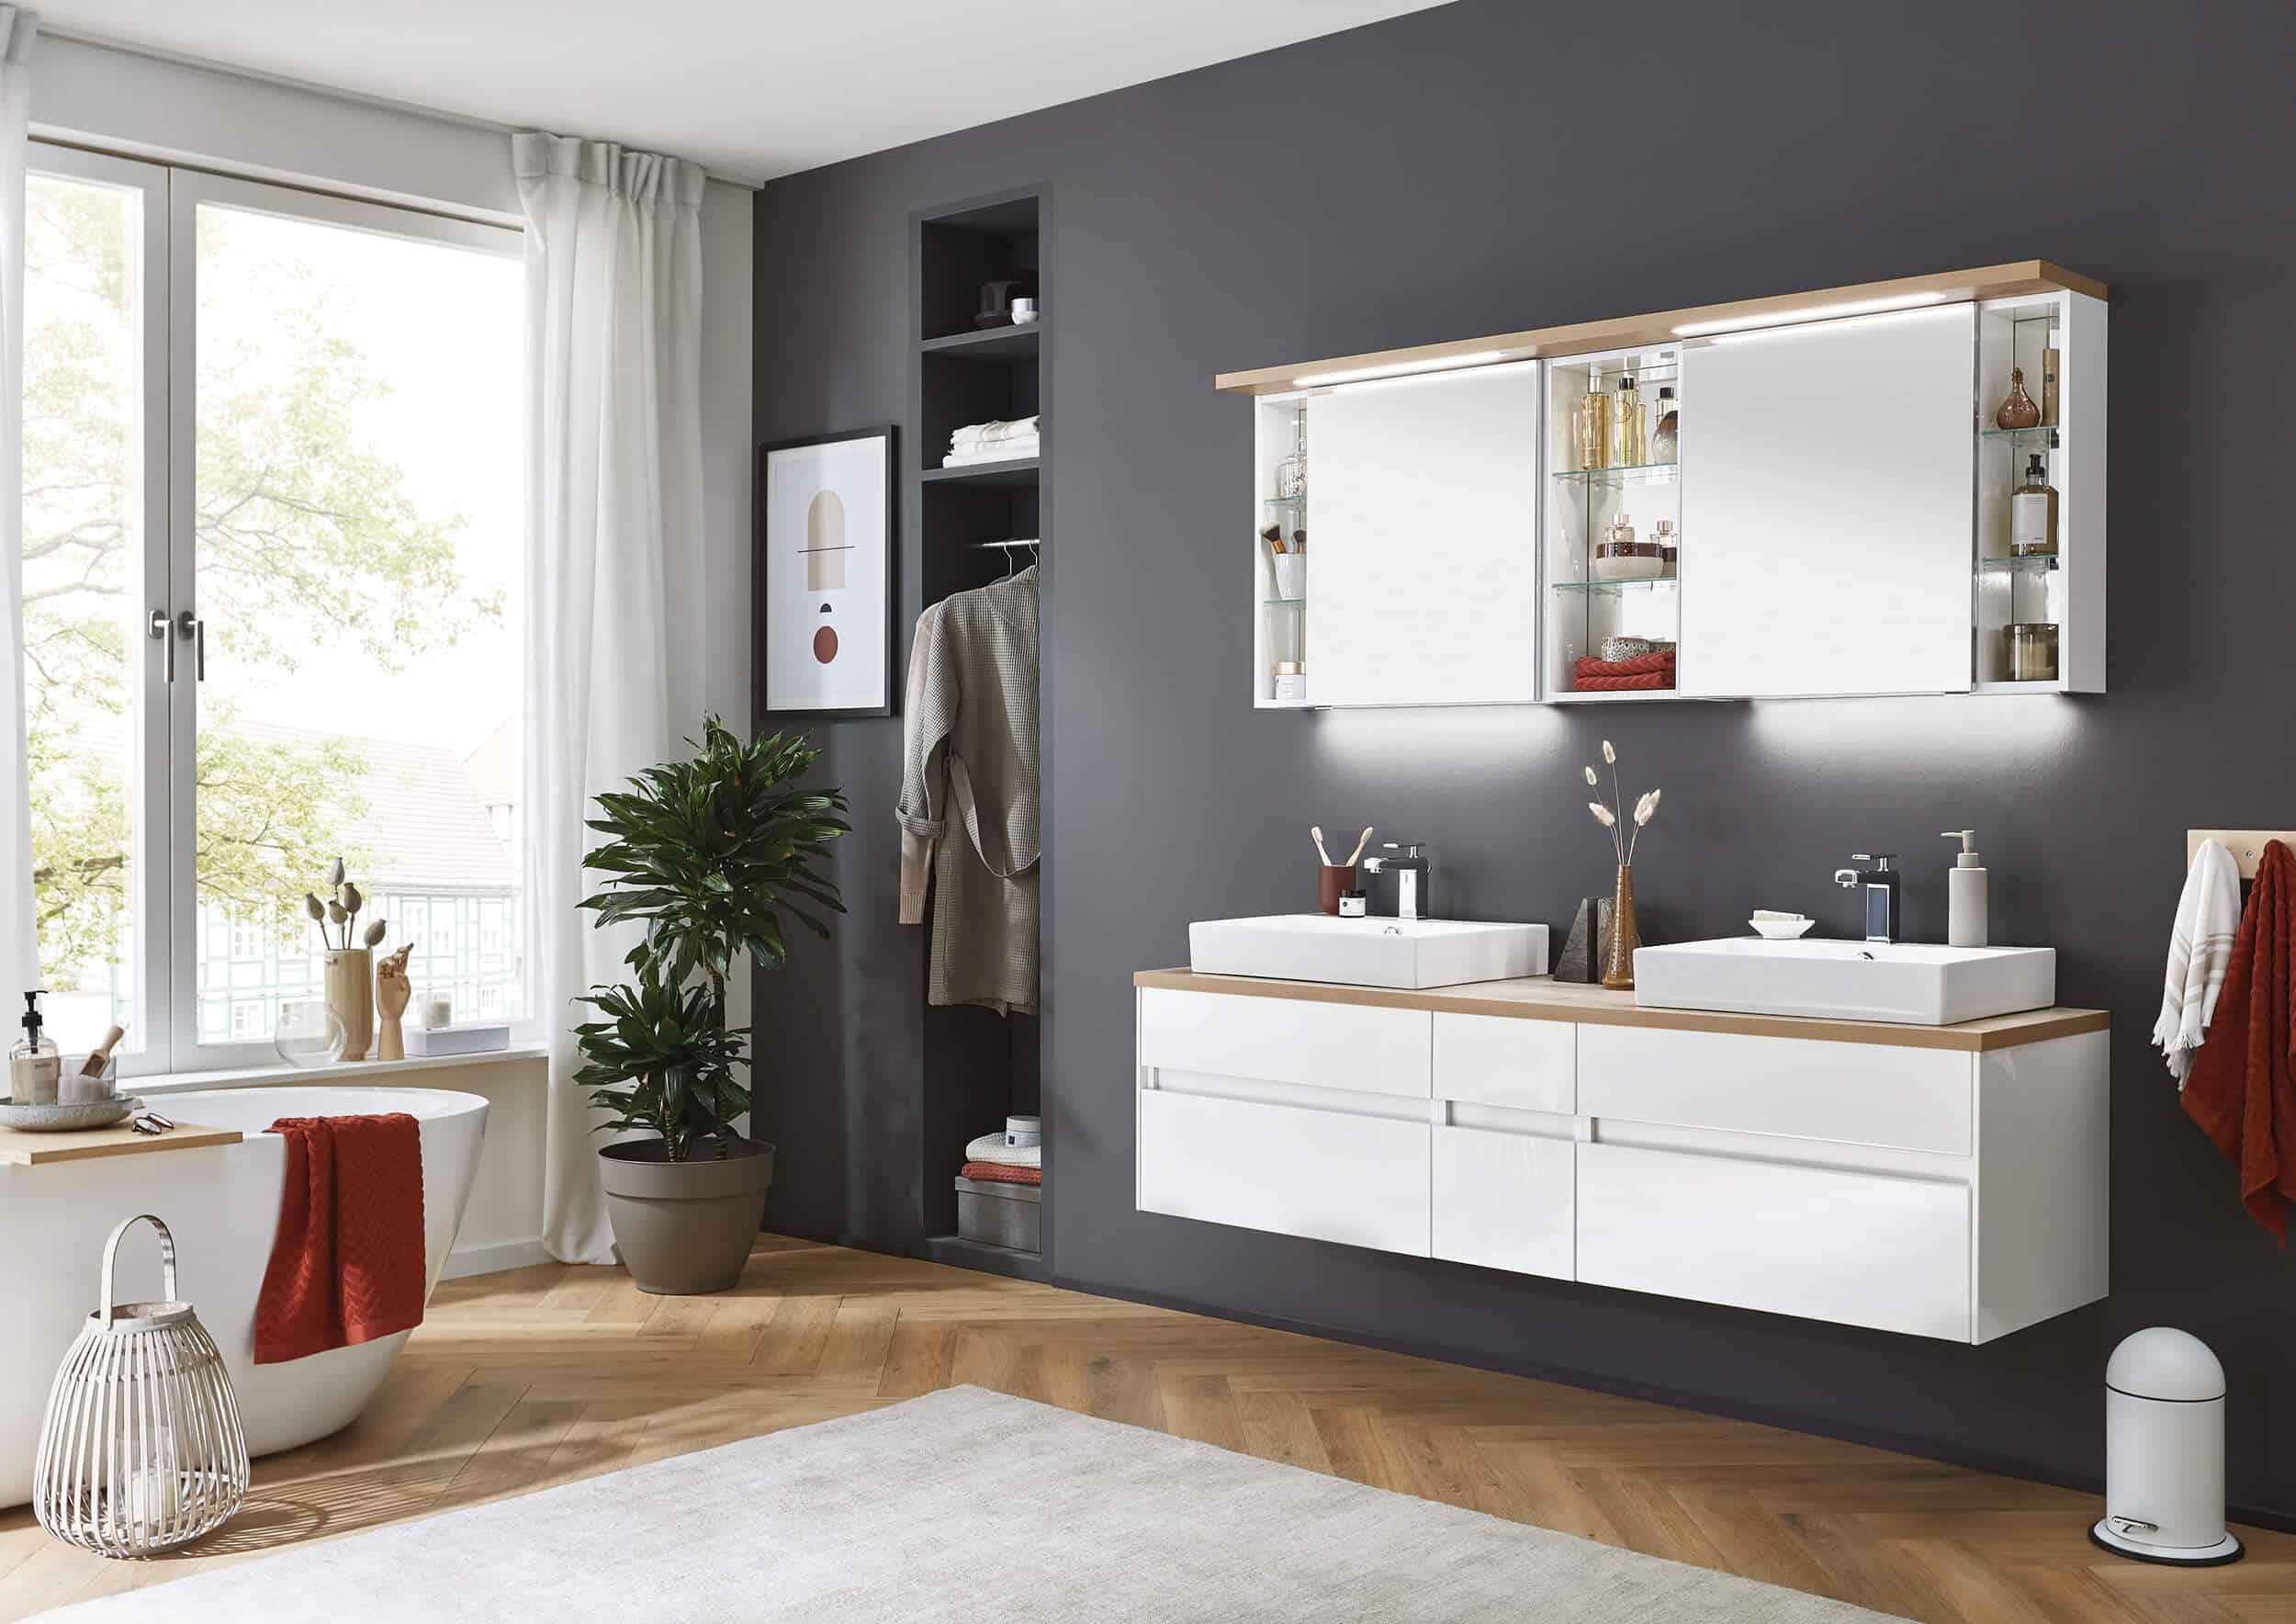 Badezimmer gestalten | Einrichtungsplaner - Eilmannsberger